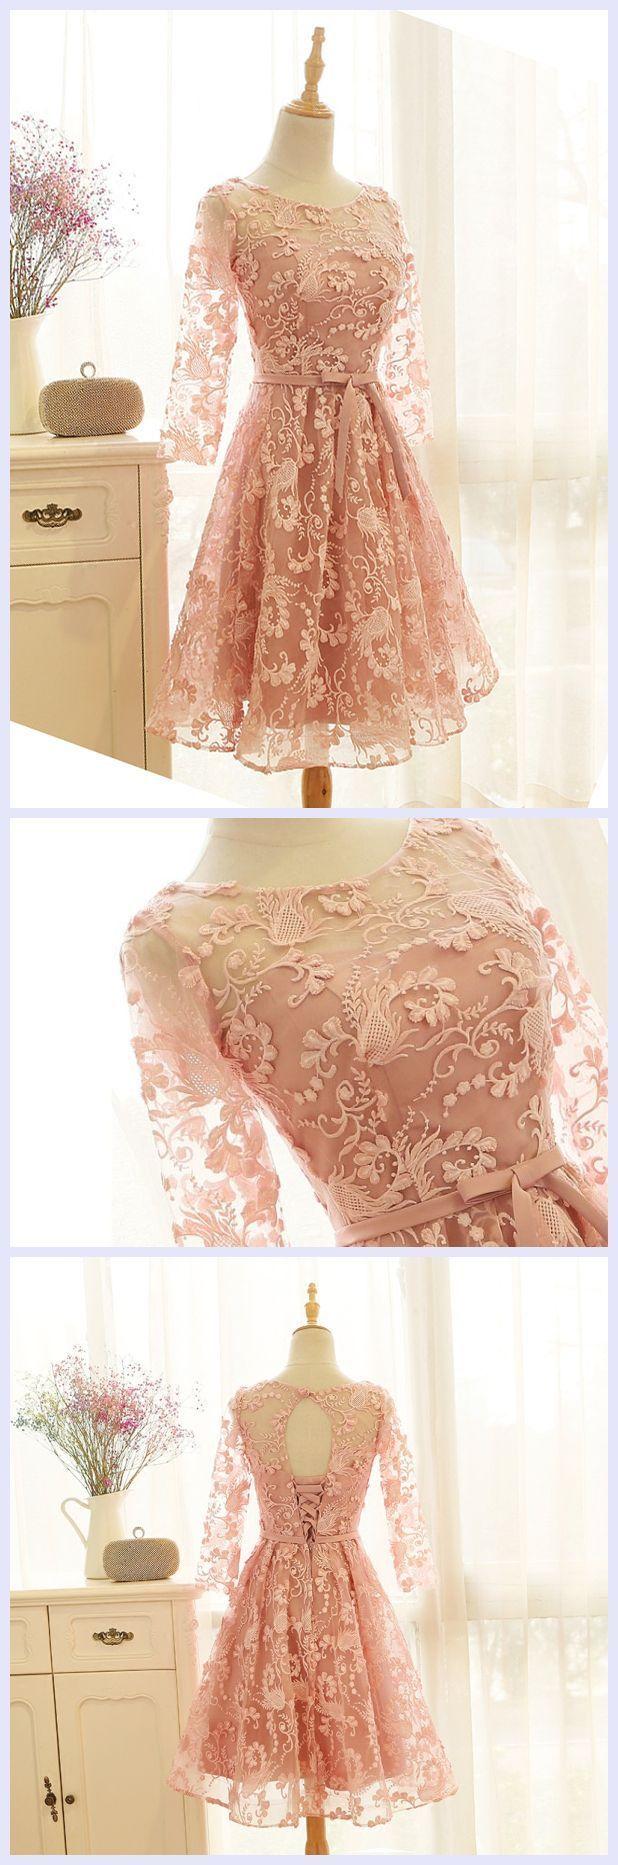 2017 Heimkehr Kleid Sexy A-Line Kurzes Abendkleid Partykleid JK014 # Abendkleid – Kleider